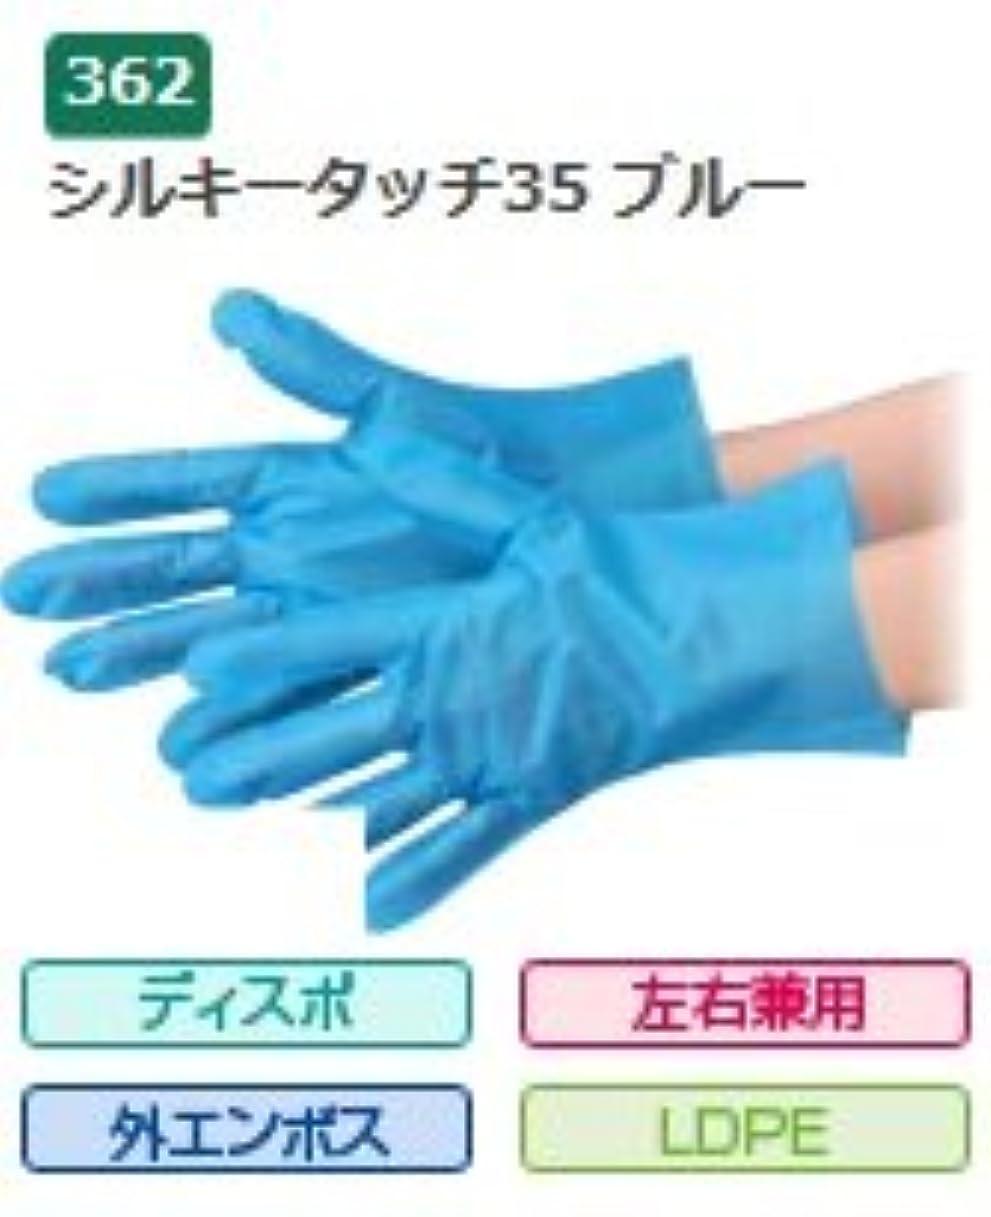 ドナウ川出会いのどエブノ ポリエチレン手袋 No.362 S 青 (100枚×50袋) シルキータッチ35 ブルー 袋入